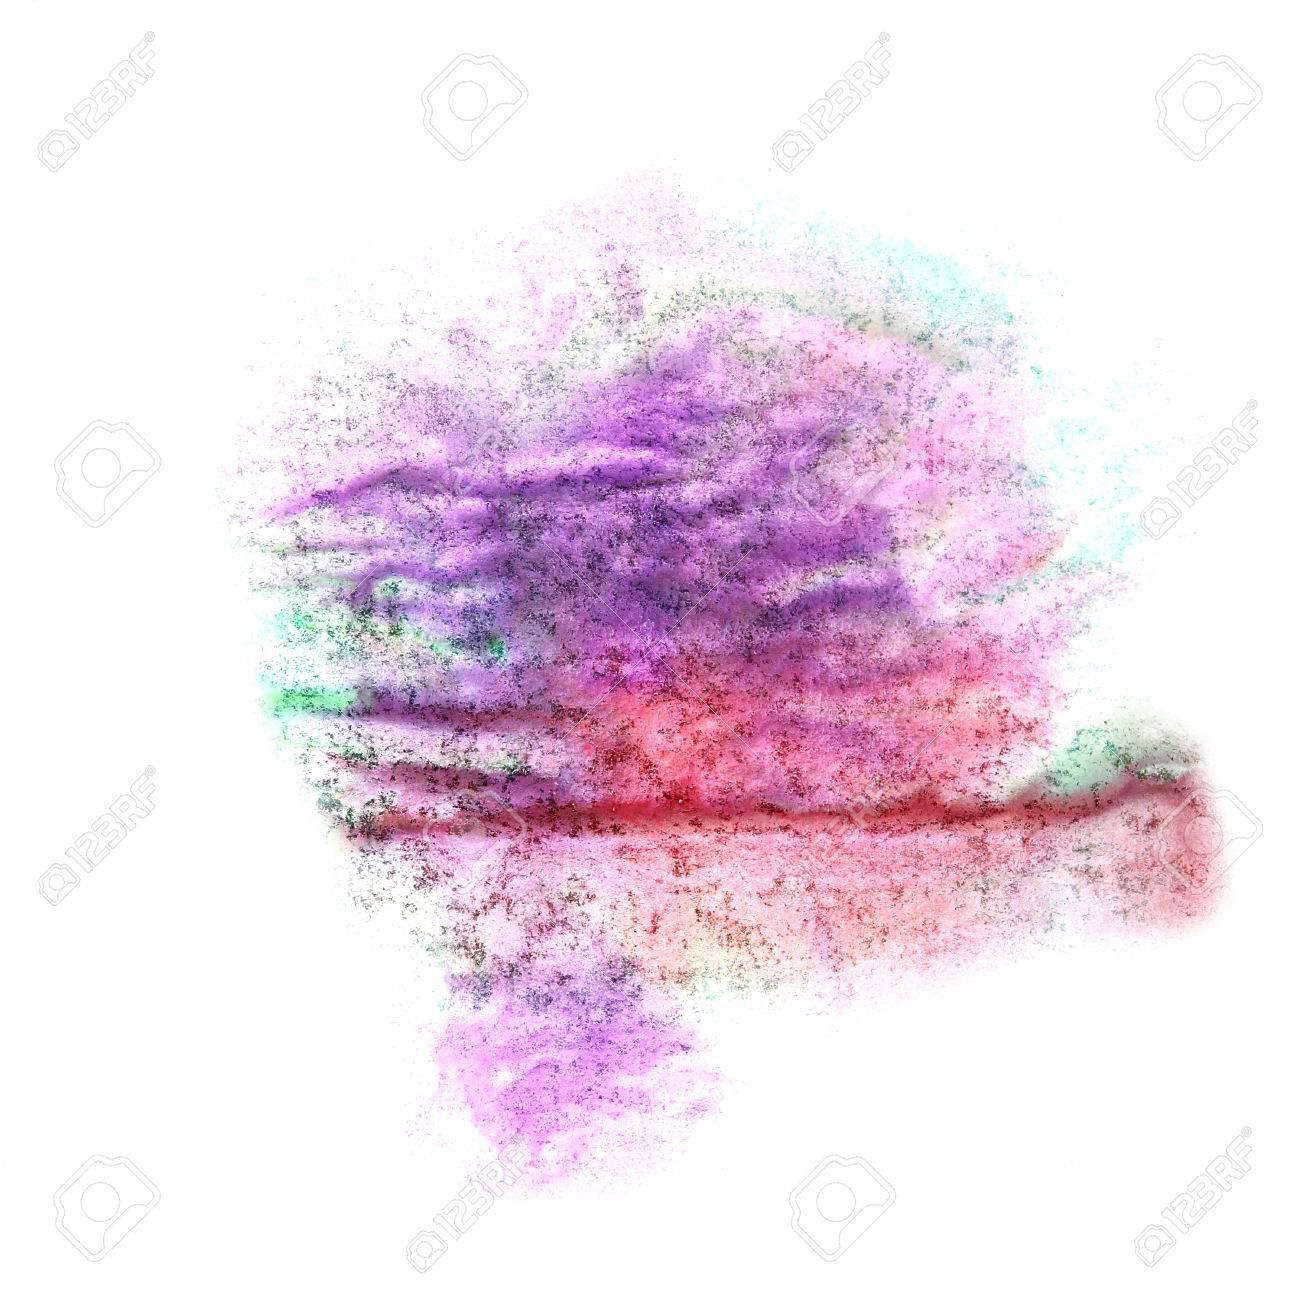 Banque Du0027images   Peinture Violet, Rouge, Vert Encre Du0027éclaboussure Tache  De Blob Tache De Pinceau à Aquarelle Aquarelle Texture De Fond Abstrait